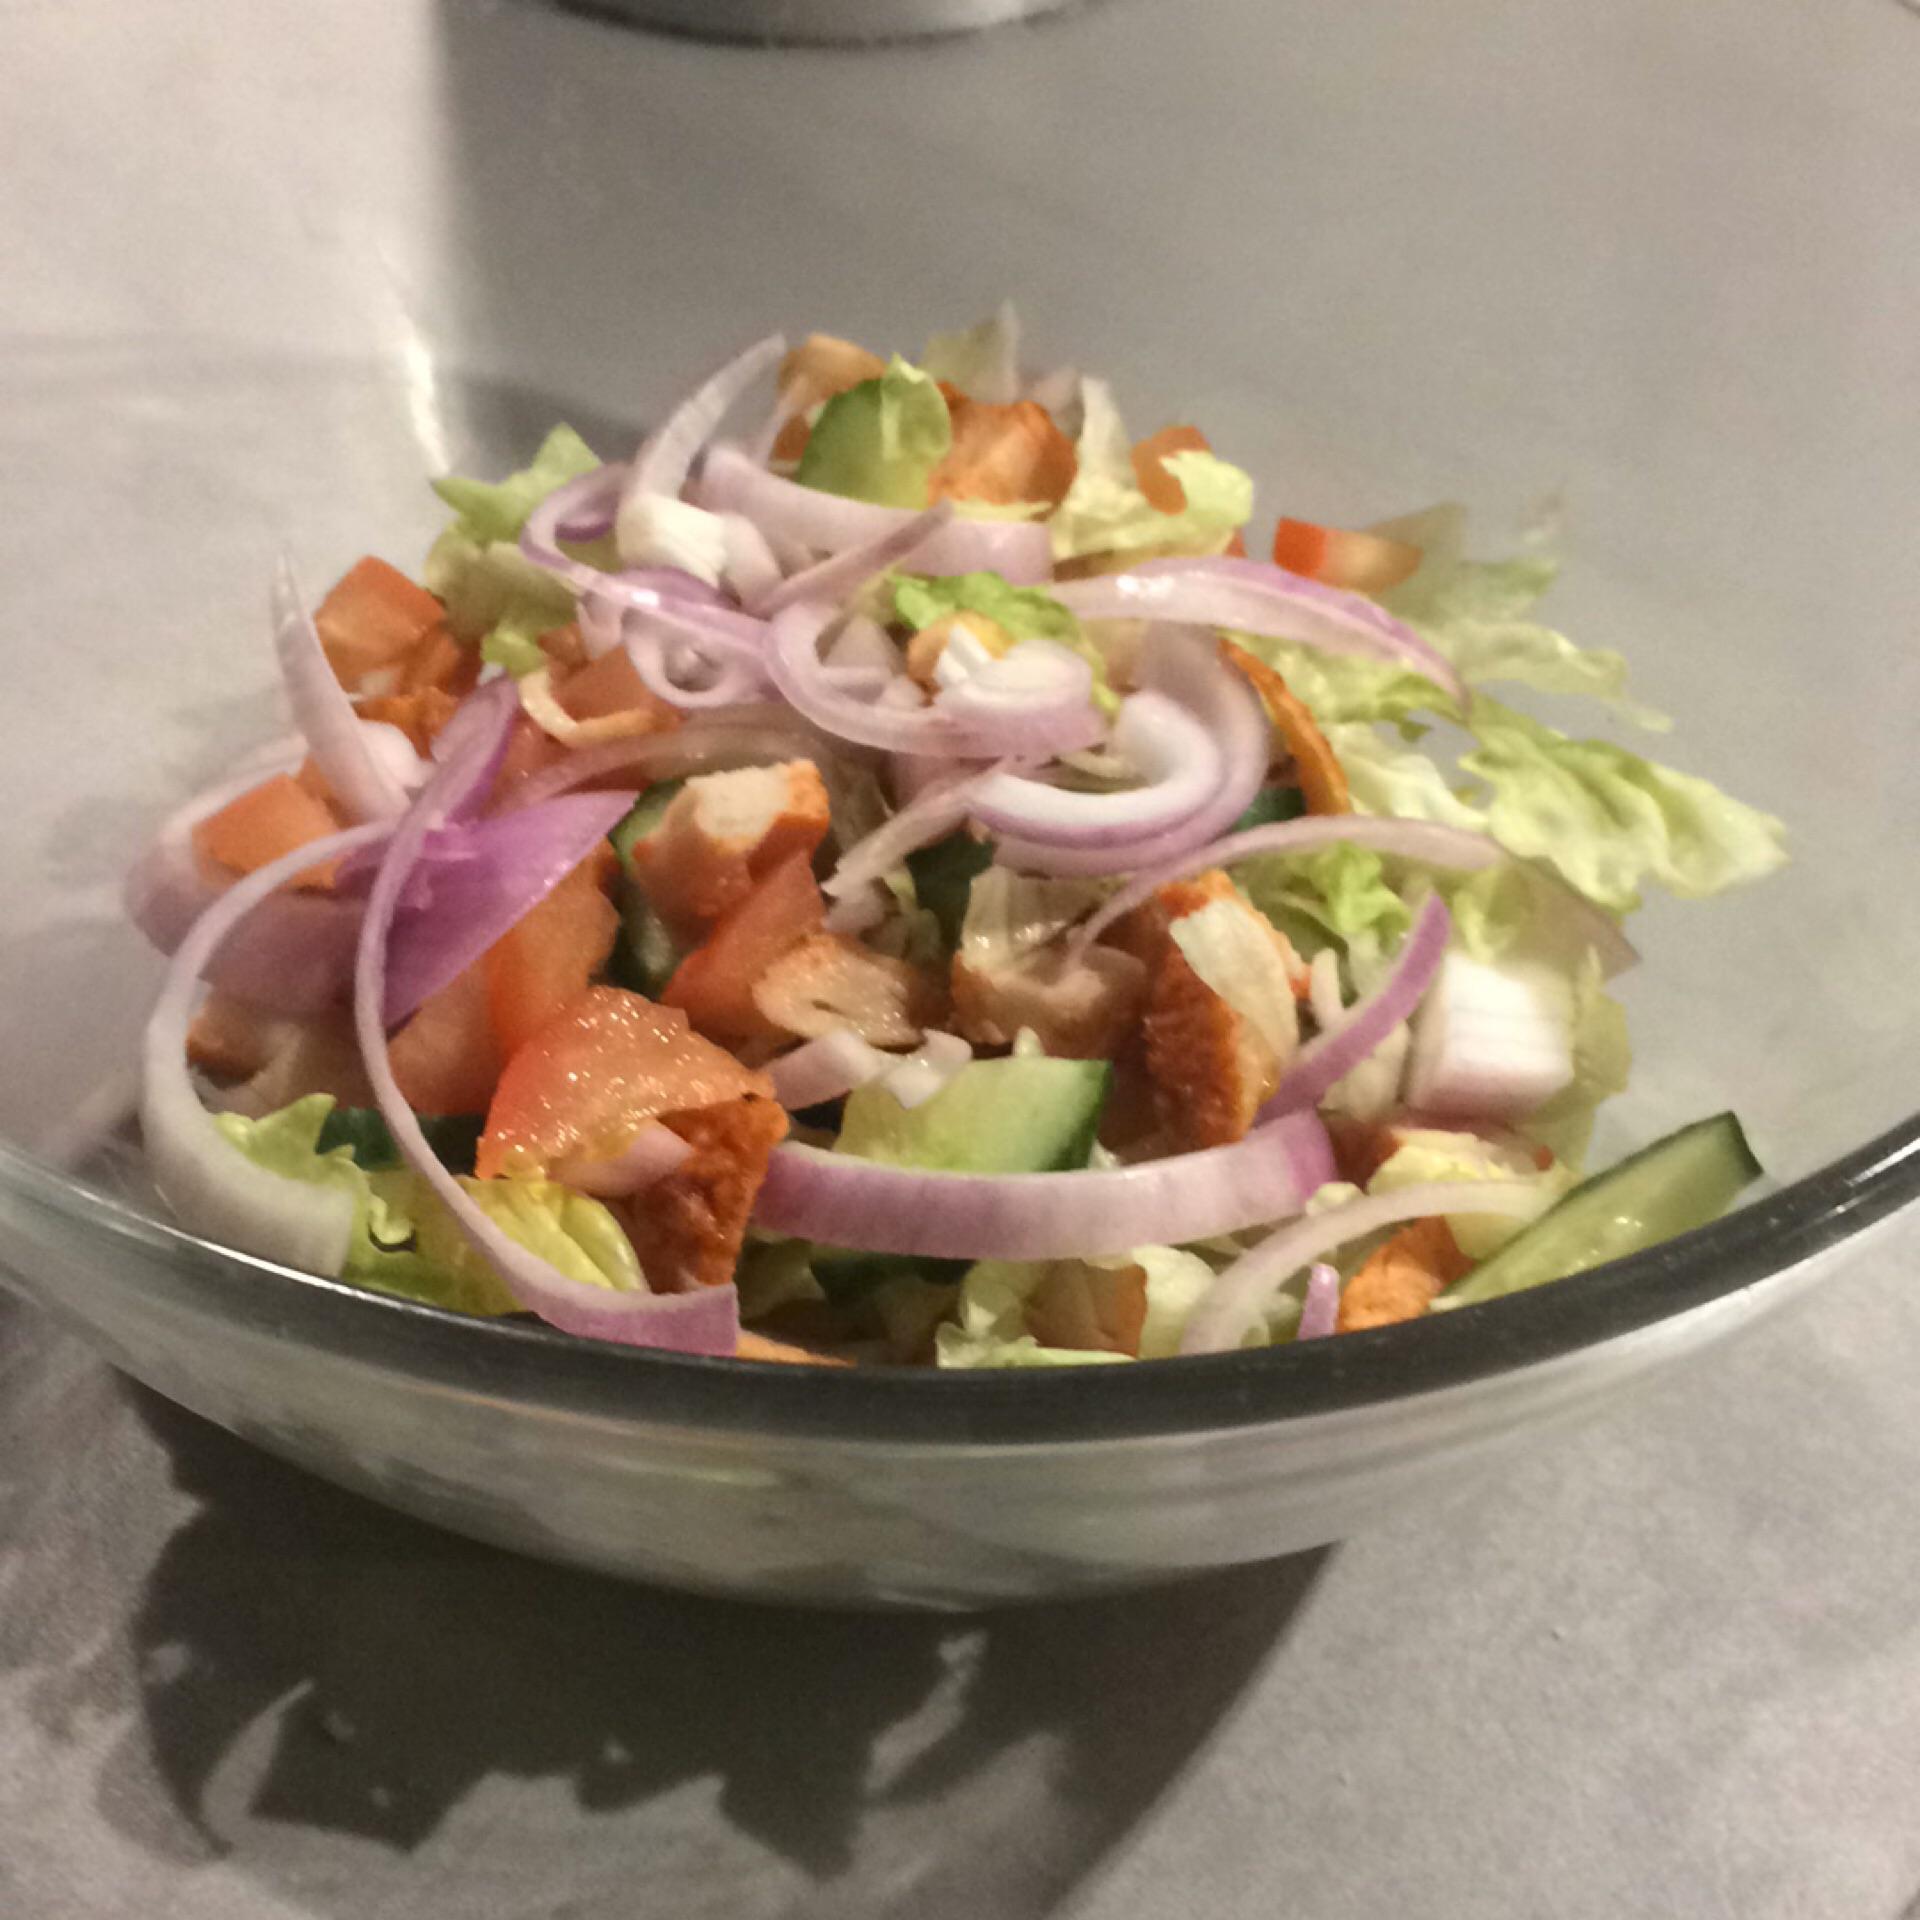 salade maken met ijsbergsla